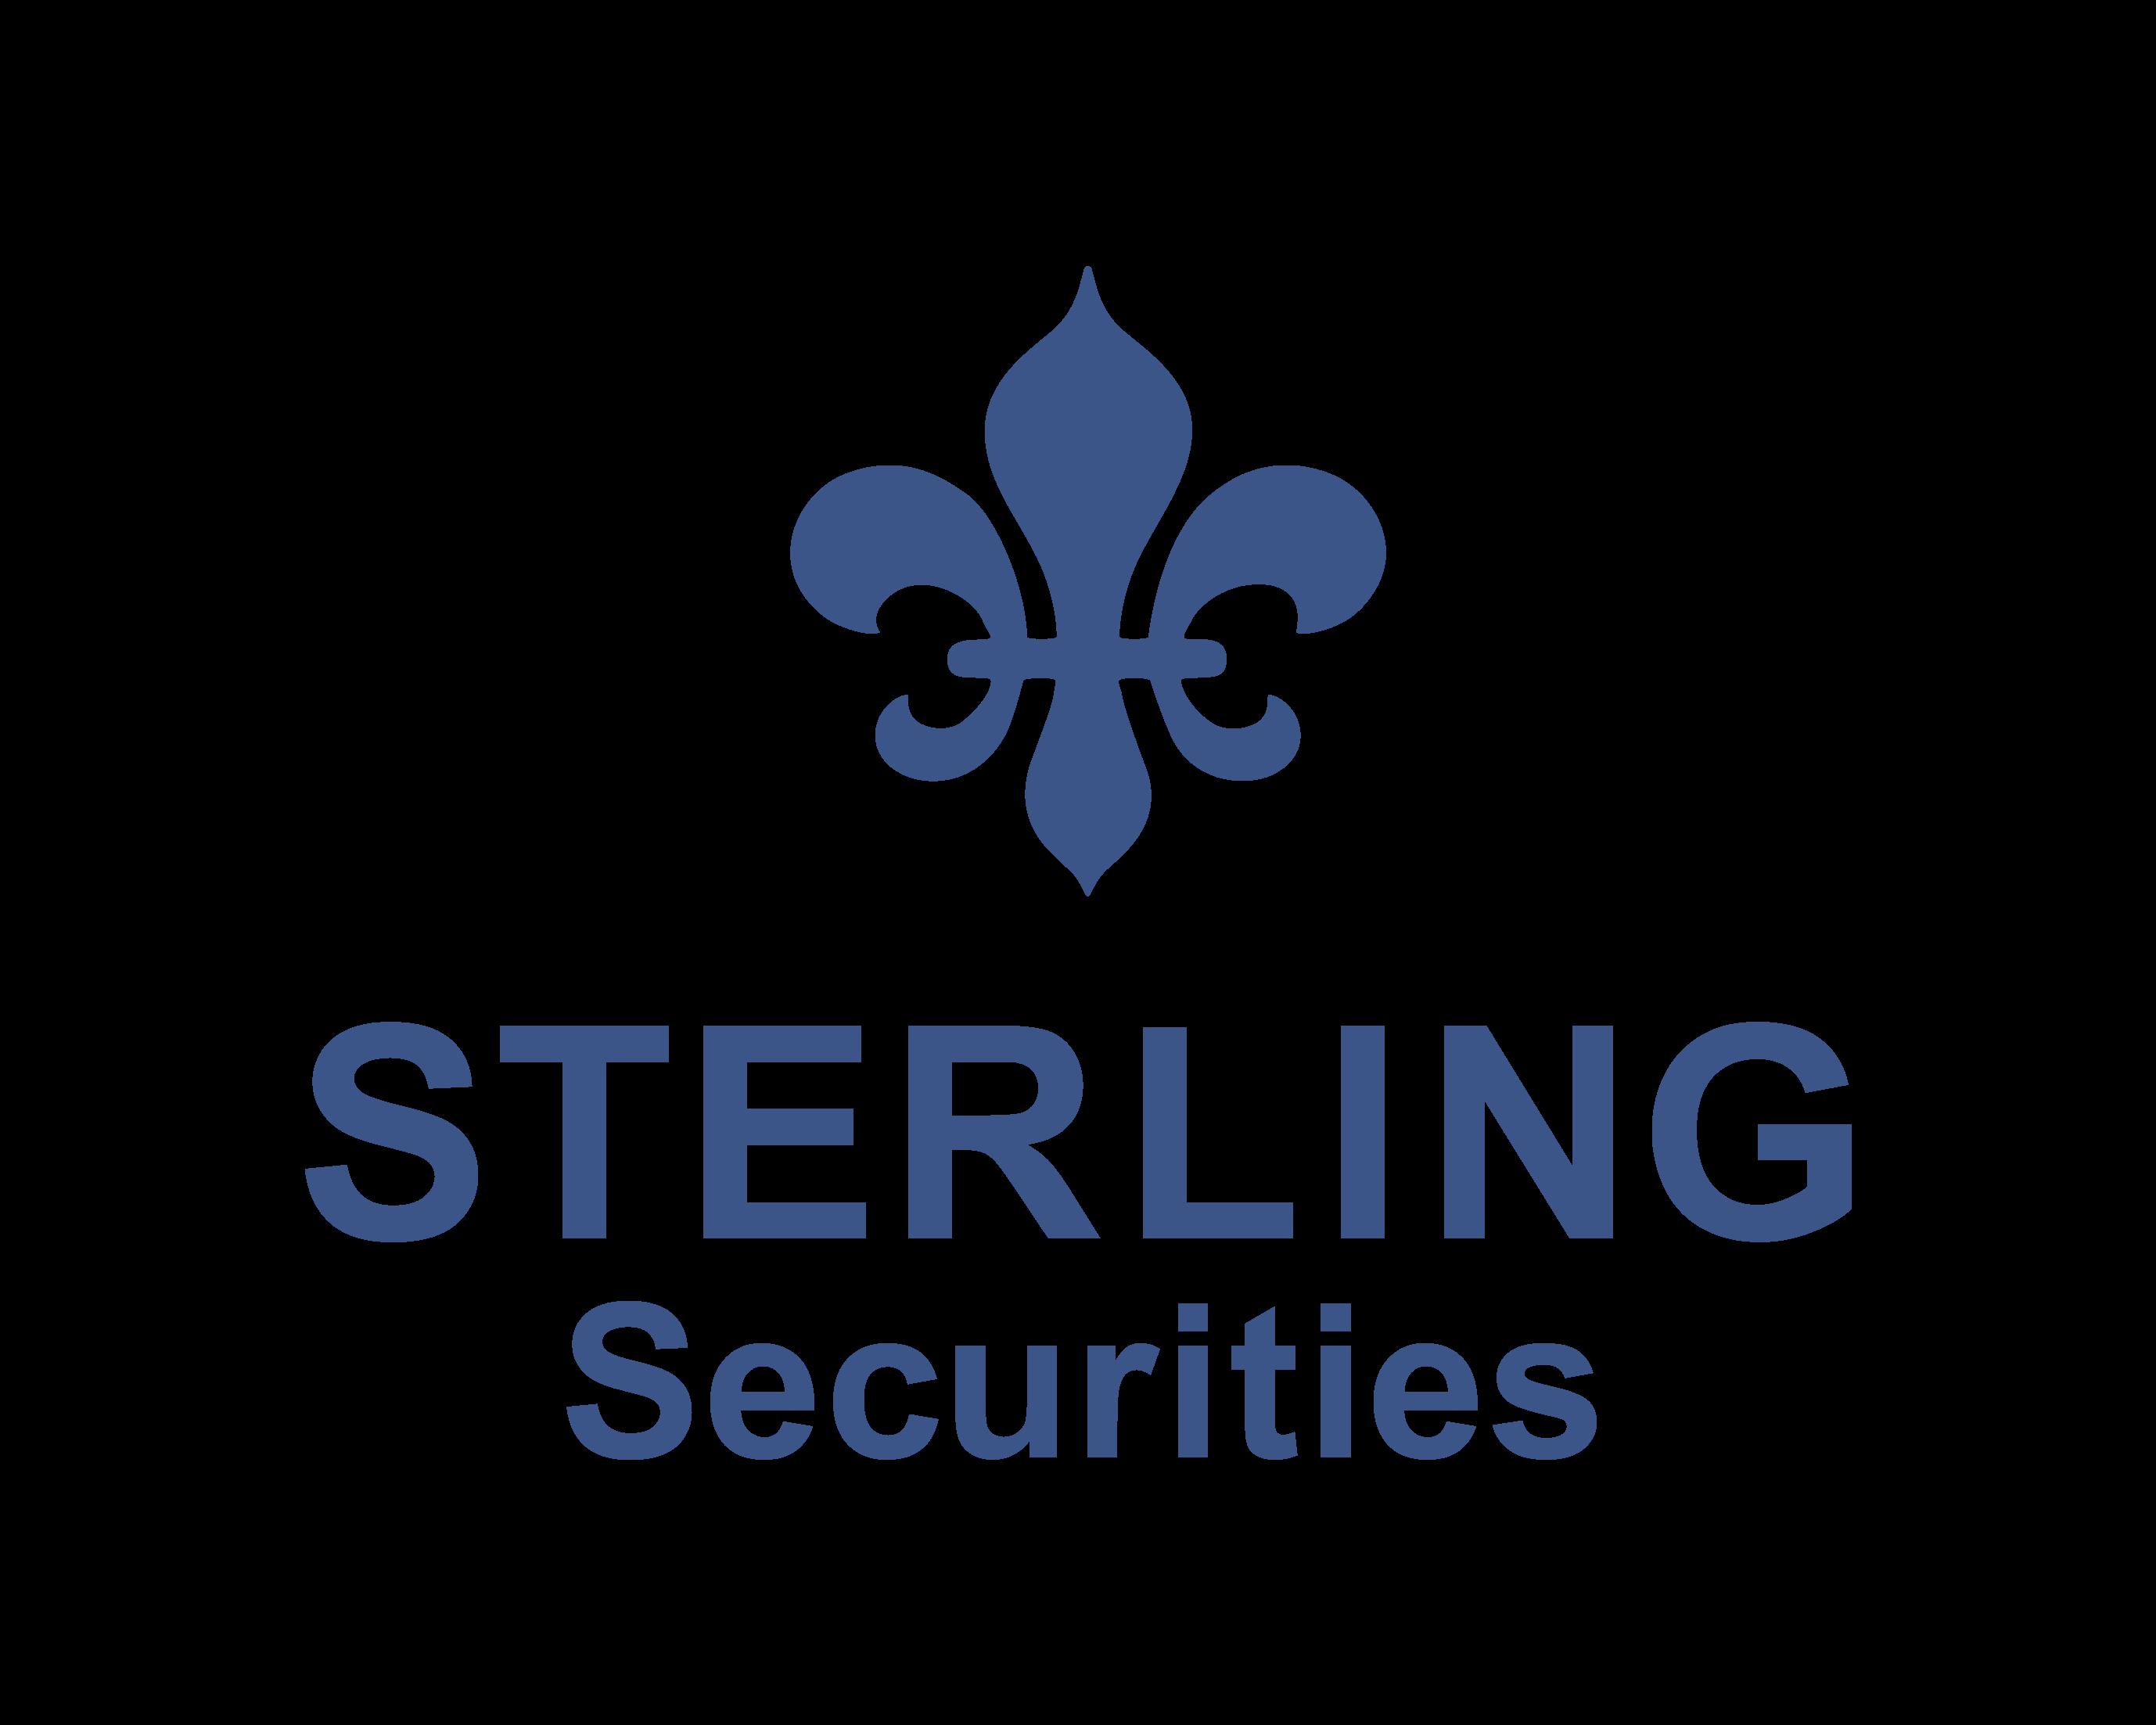 Sterling securities